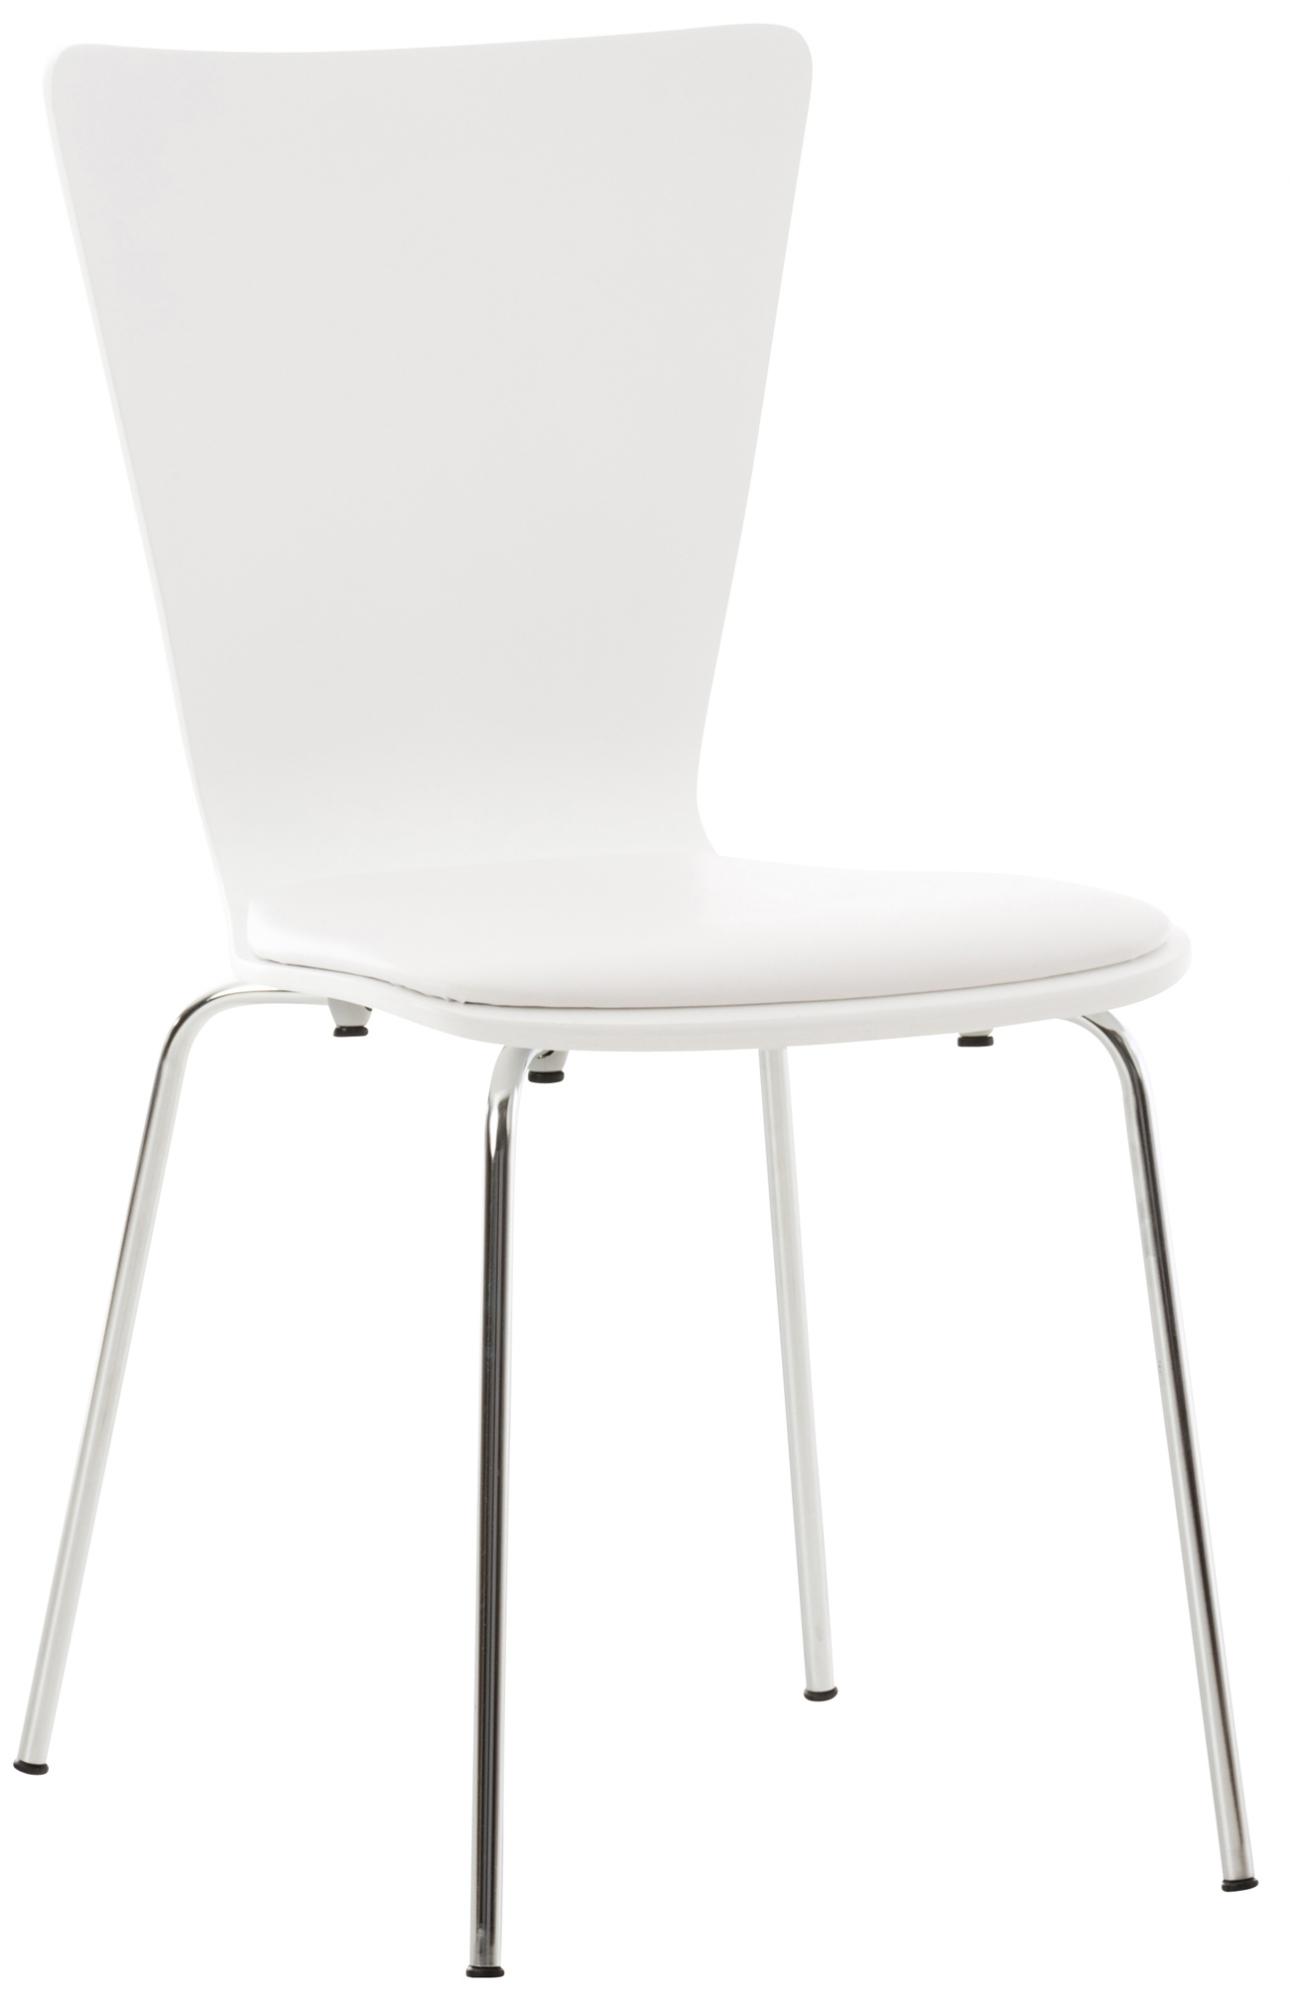 Překližková jídelní židle Jacob, bílá/bílá